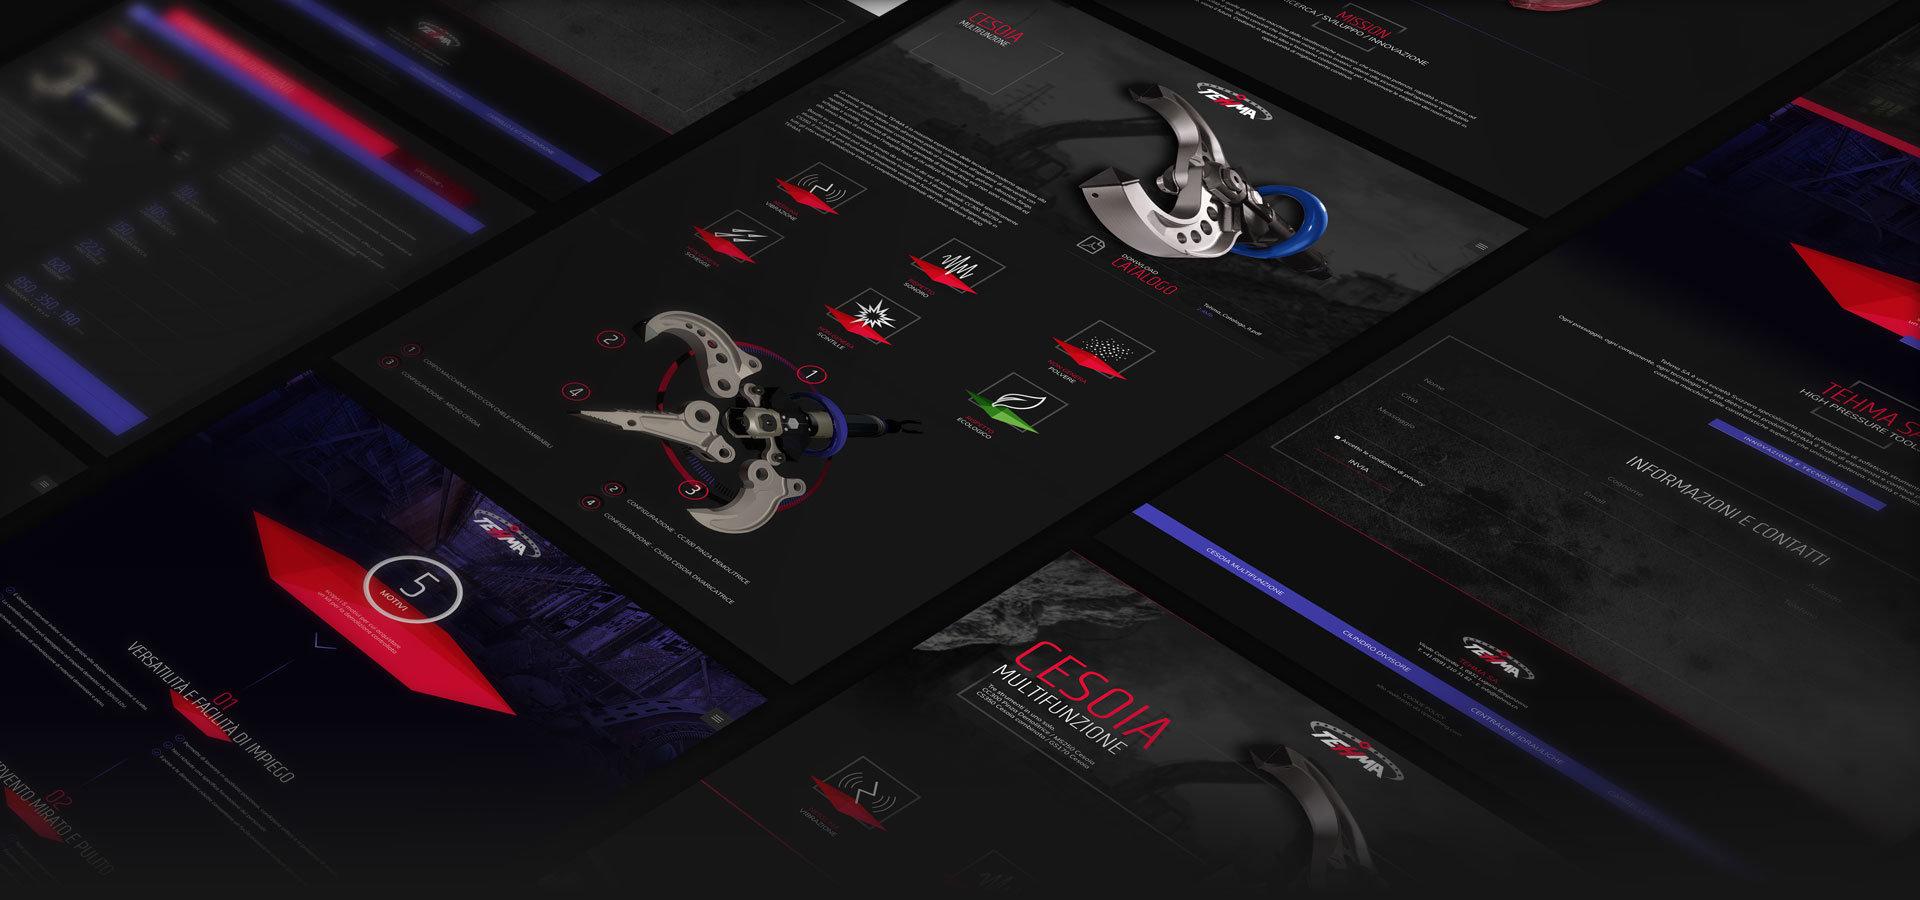 tehma_web_design_03